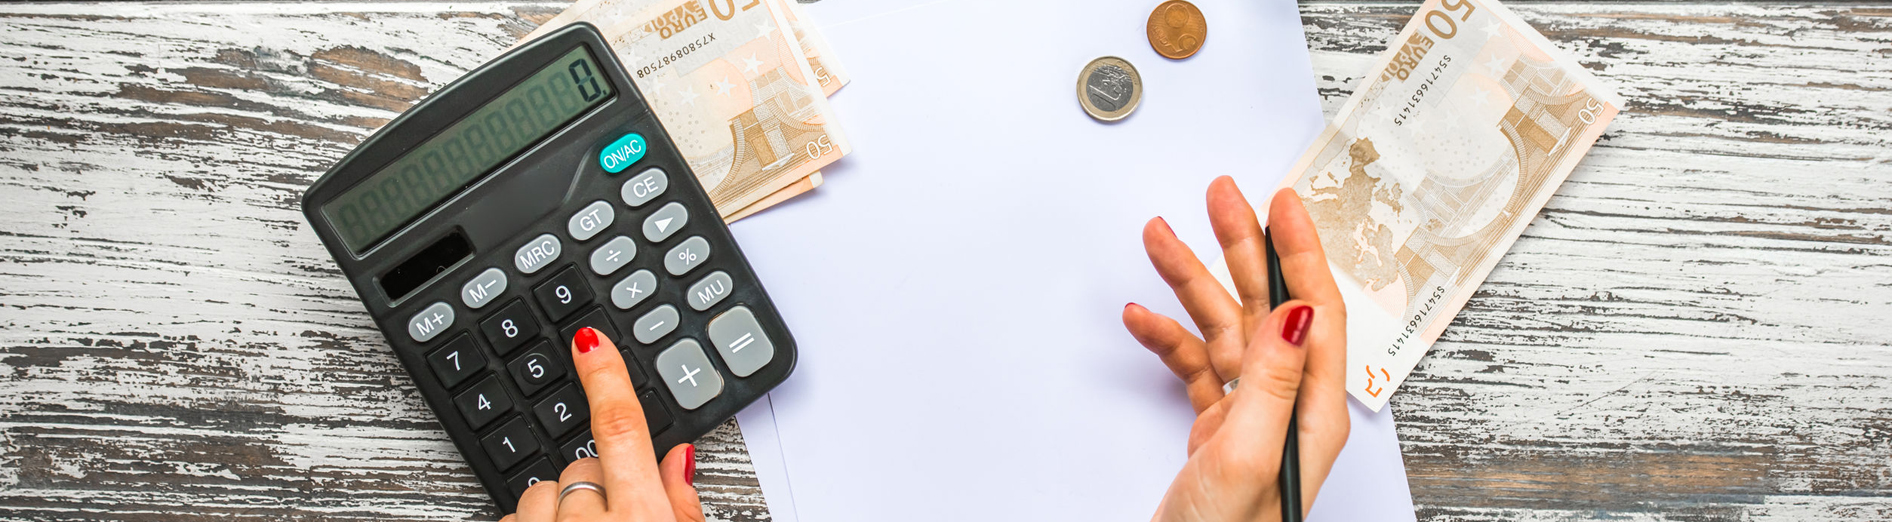 Beli Rumah: Pilih Bayar Cash atau Kredit?